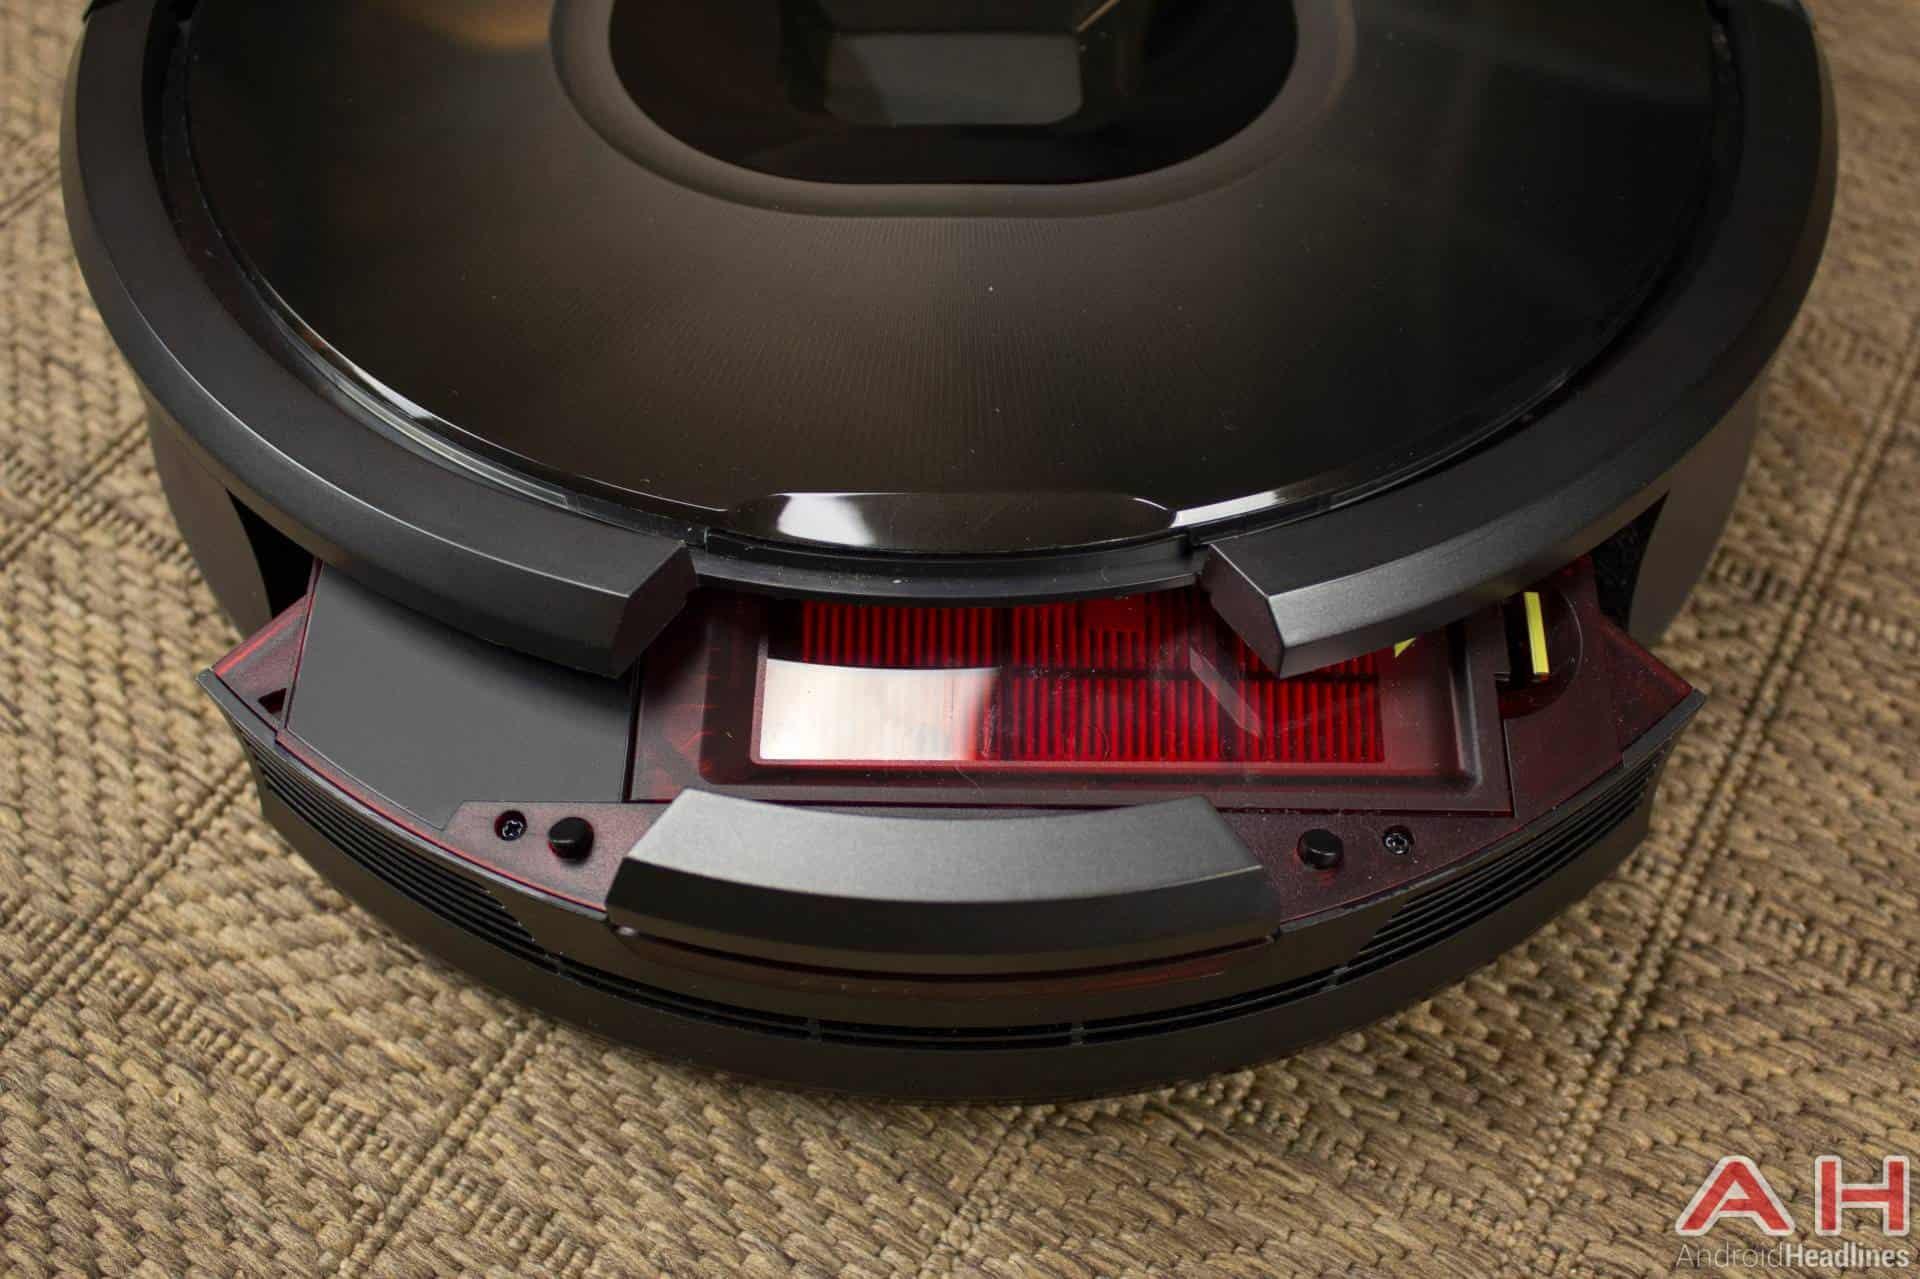 iRobot-Roomba-980-AH-NS-dustbin-1